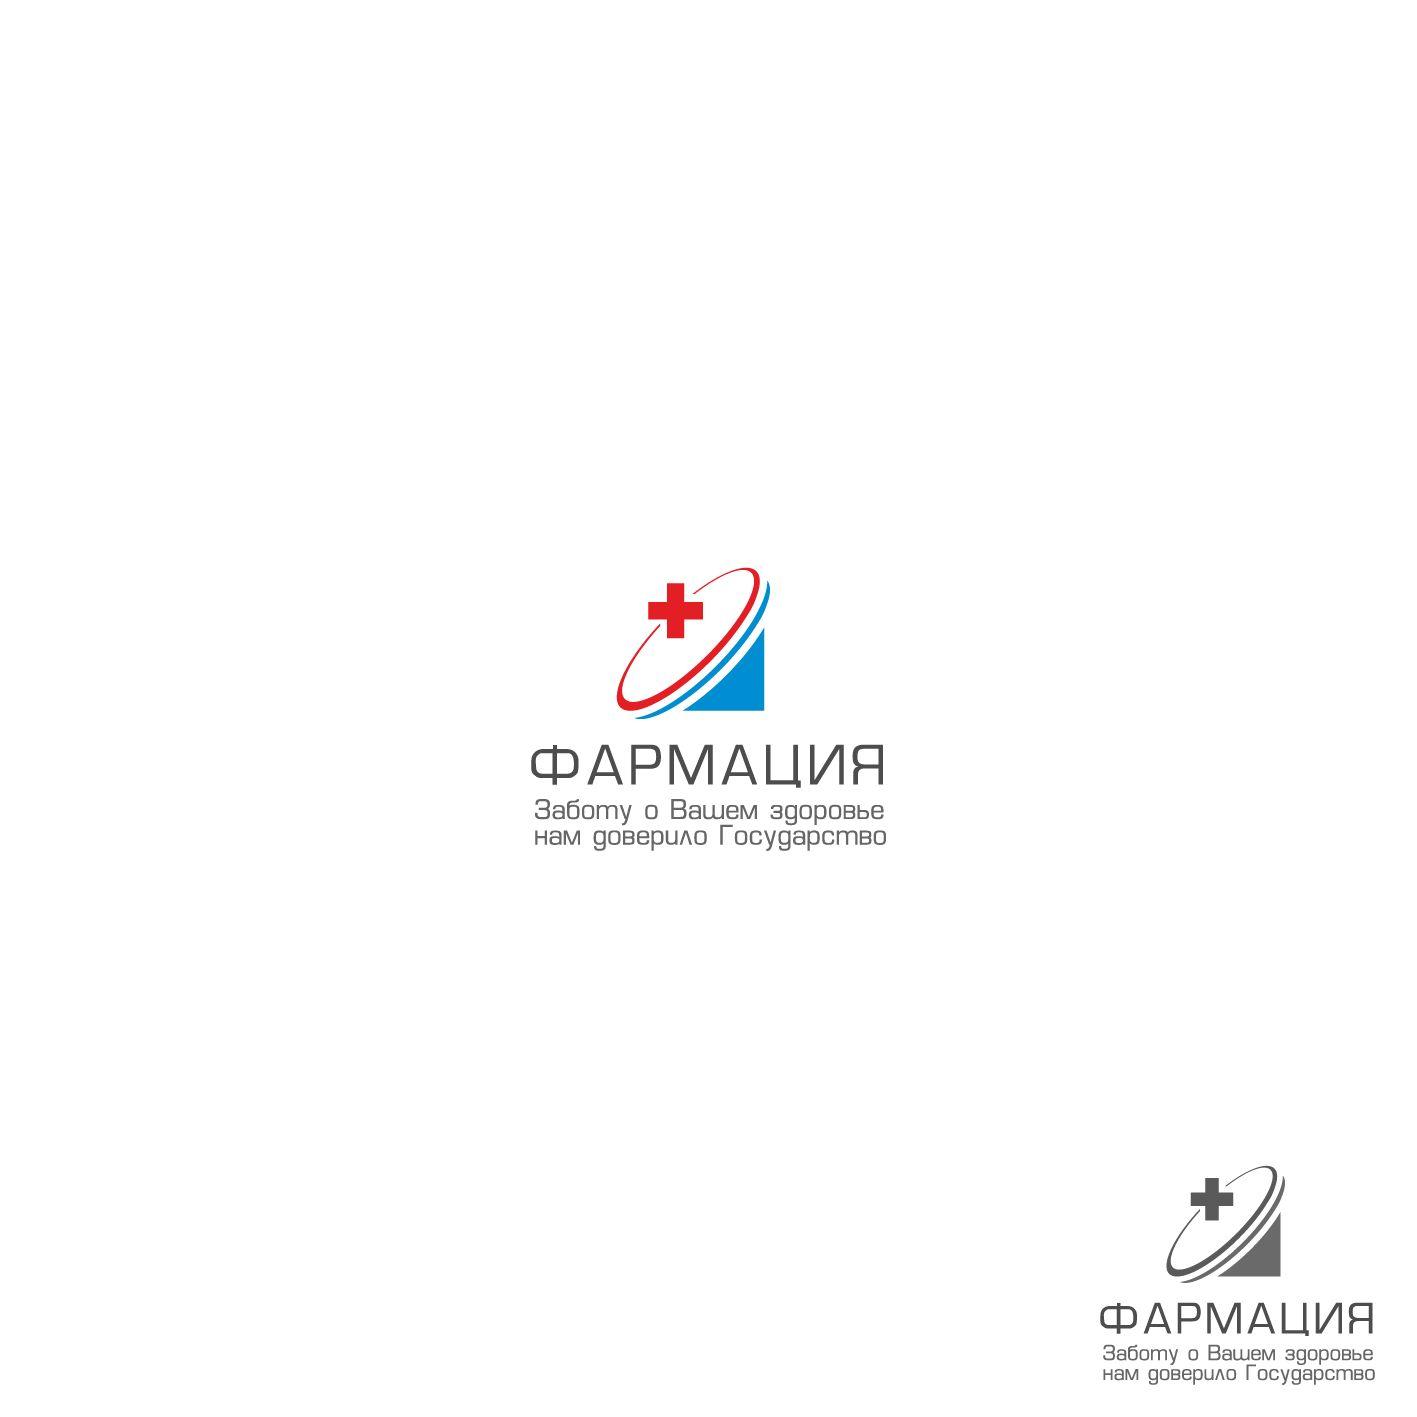 Логотип для государственной аптеки - дизайнер ekatarina